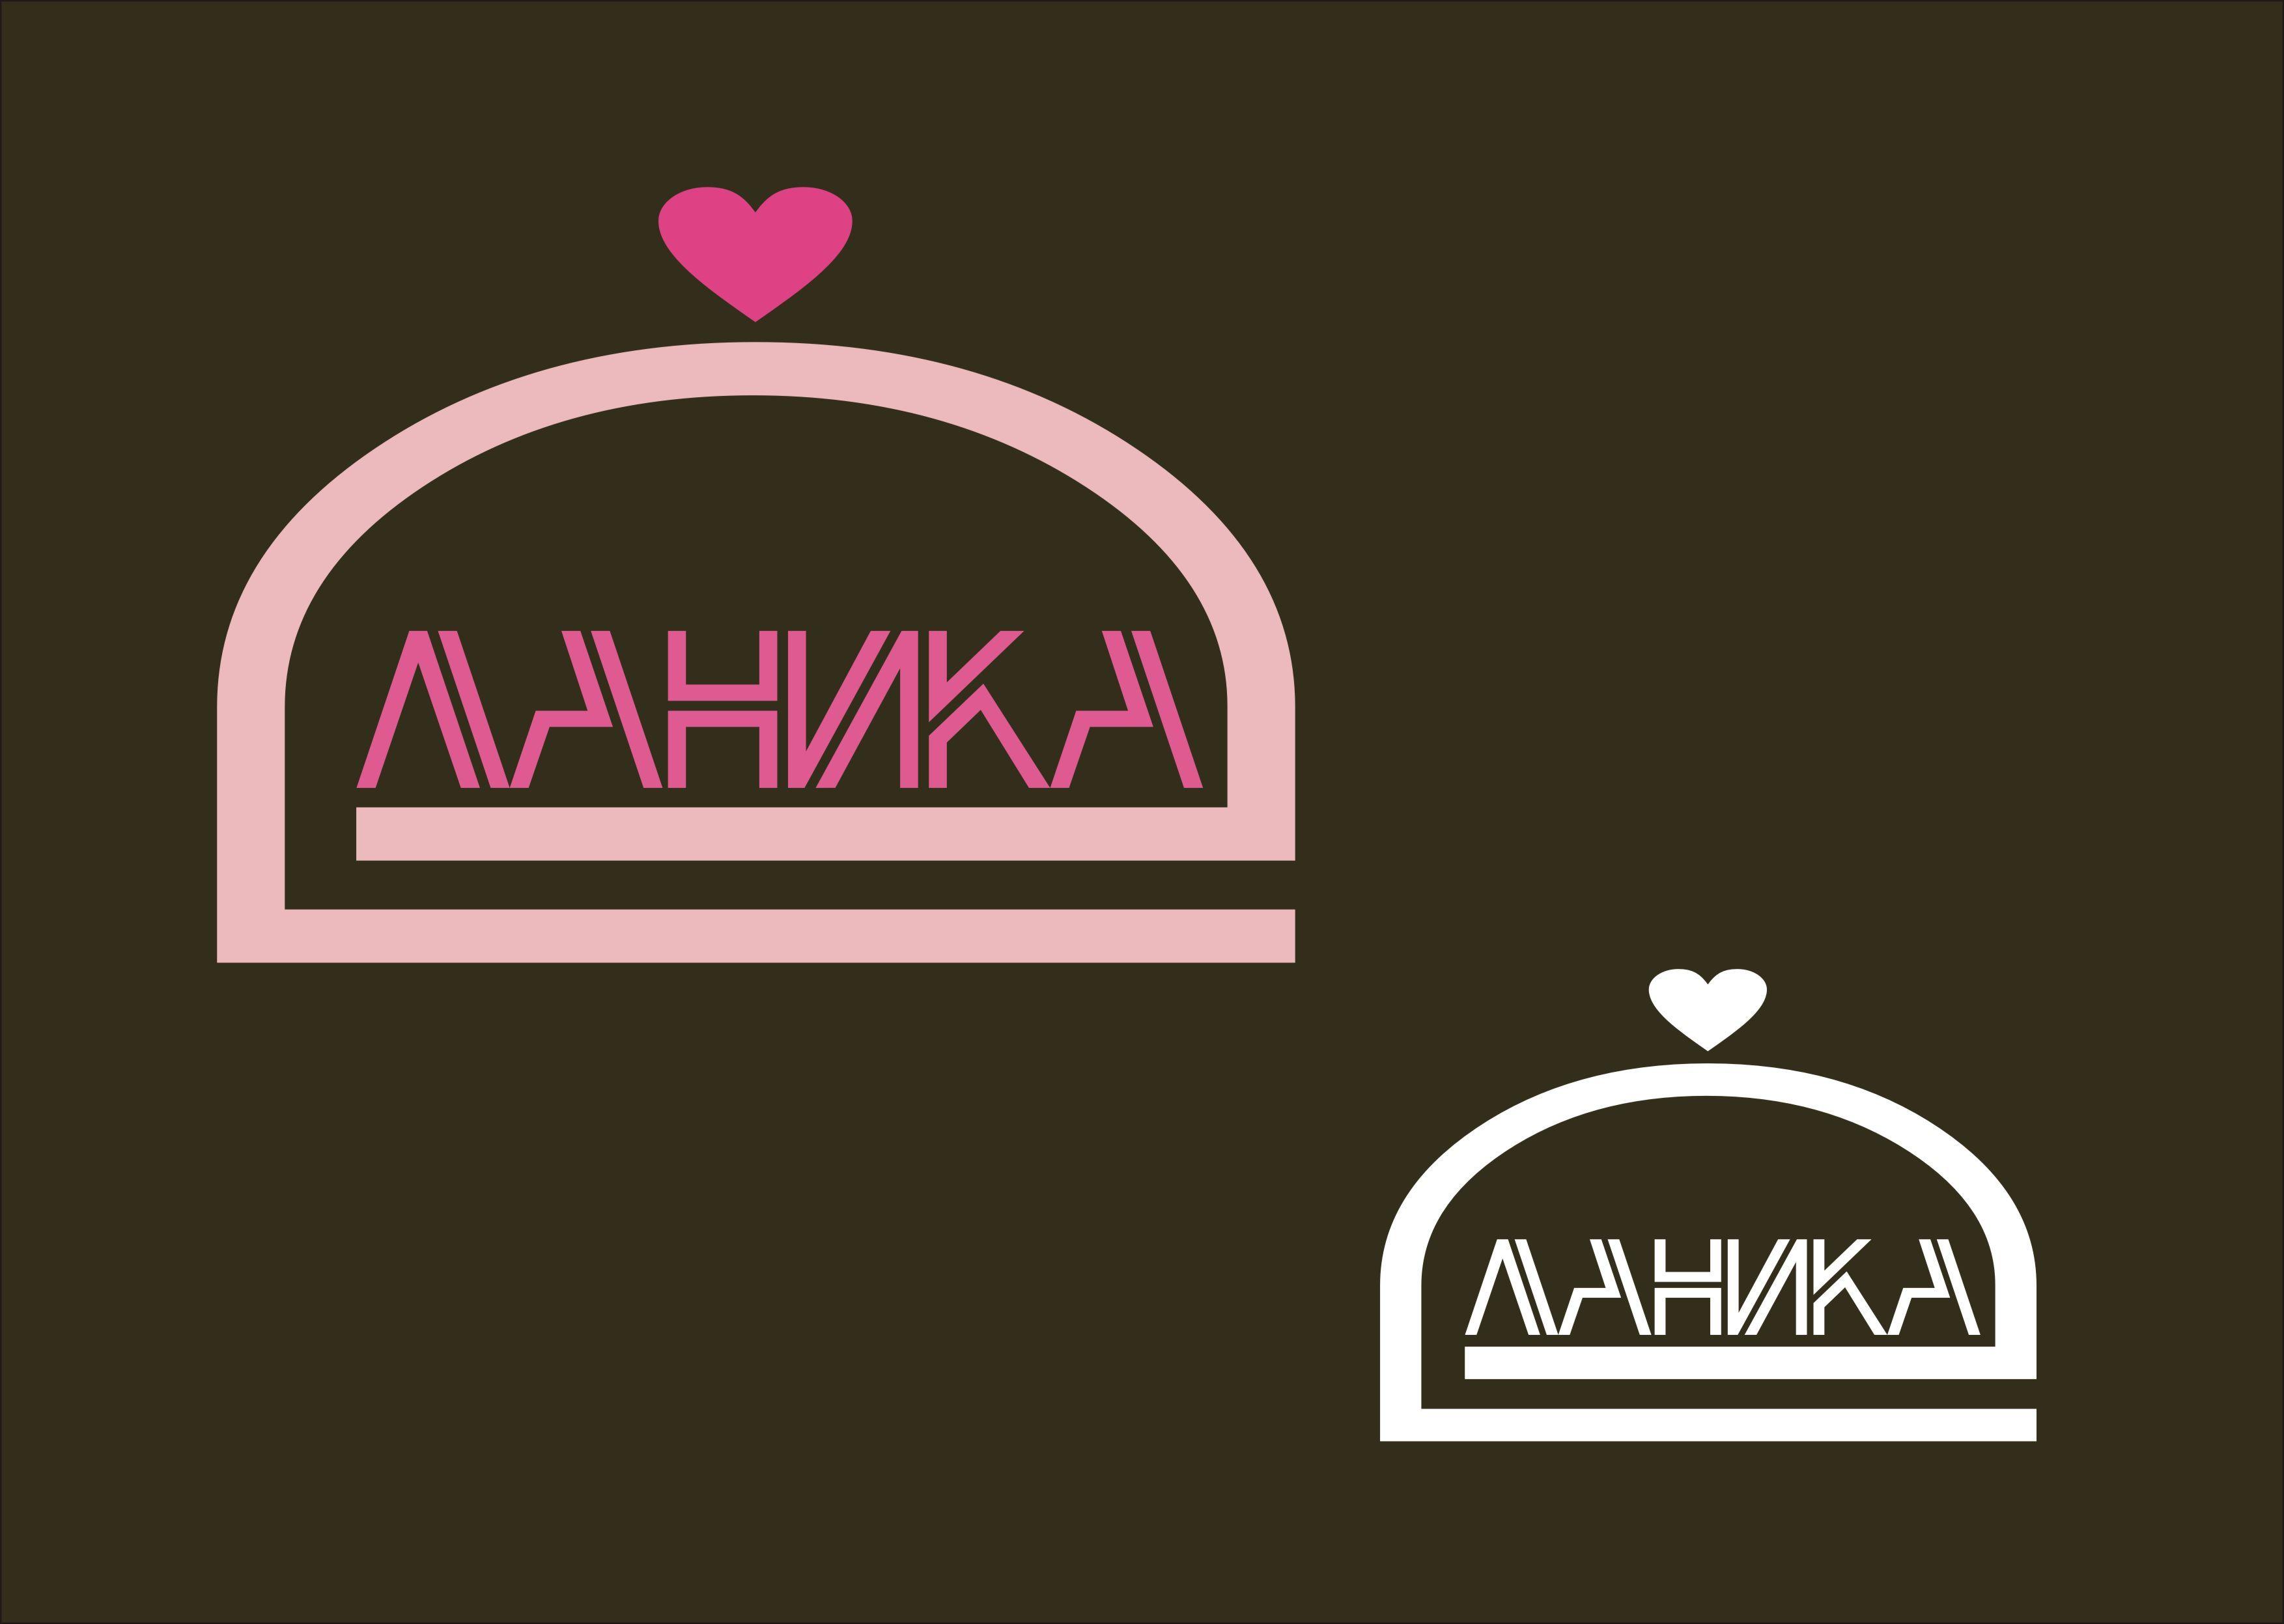 Лого ИМ тортов,пирожных и печенья ручной работы - дизайнер ekvaskova